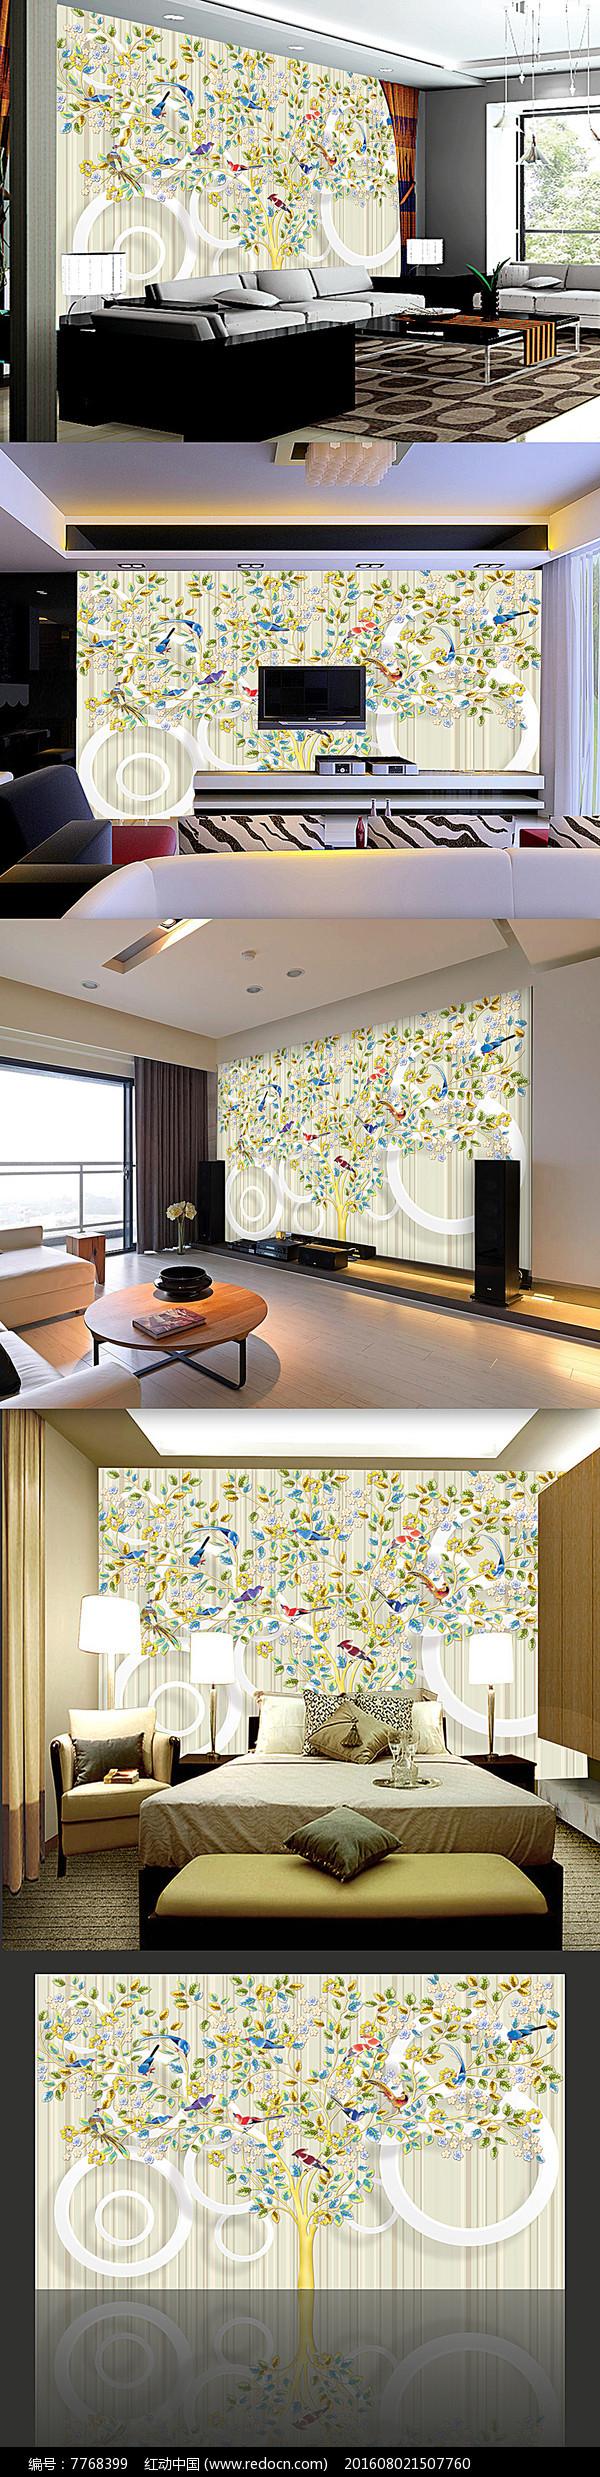 简约大气3D背景墙设计图片